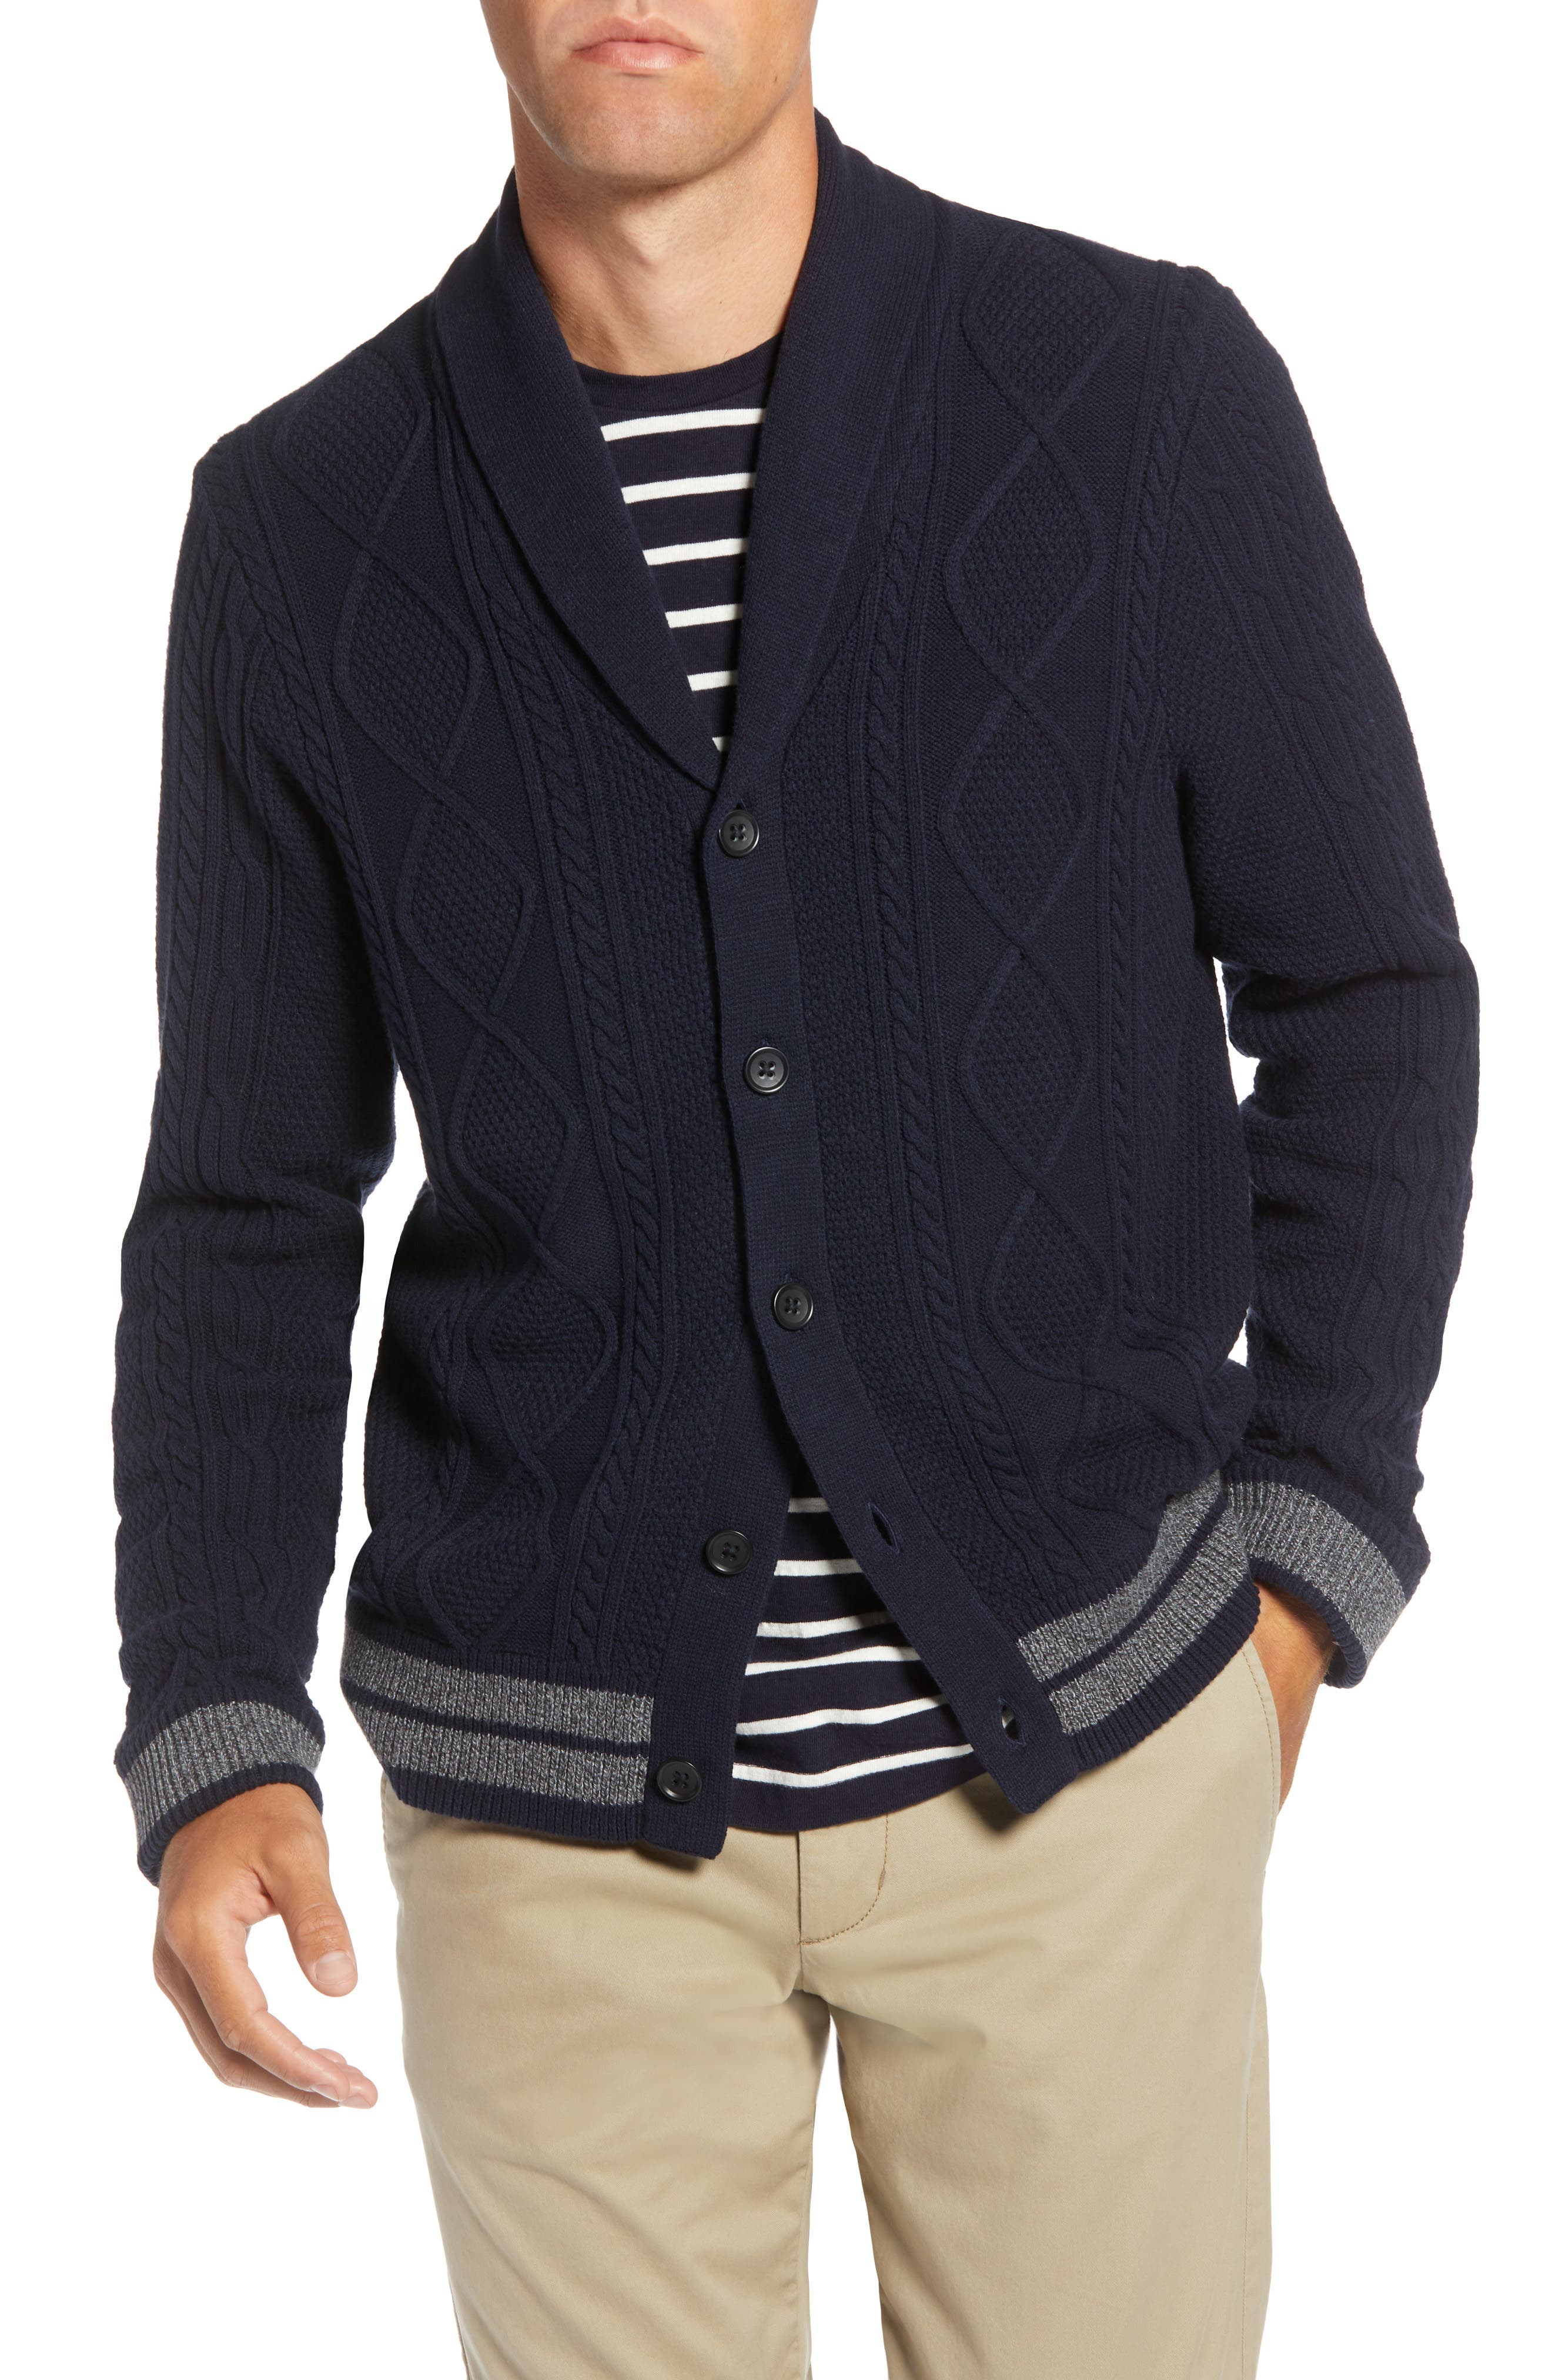 Cable Knit Shawl Collar Cardigan,                             Main thumbnail 1, color,                             NAVY NIGHT